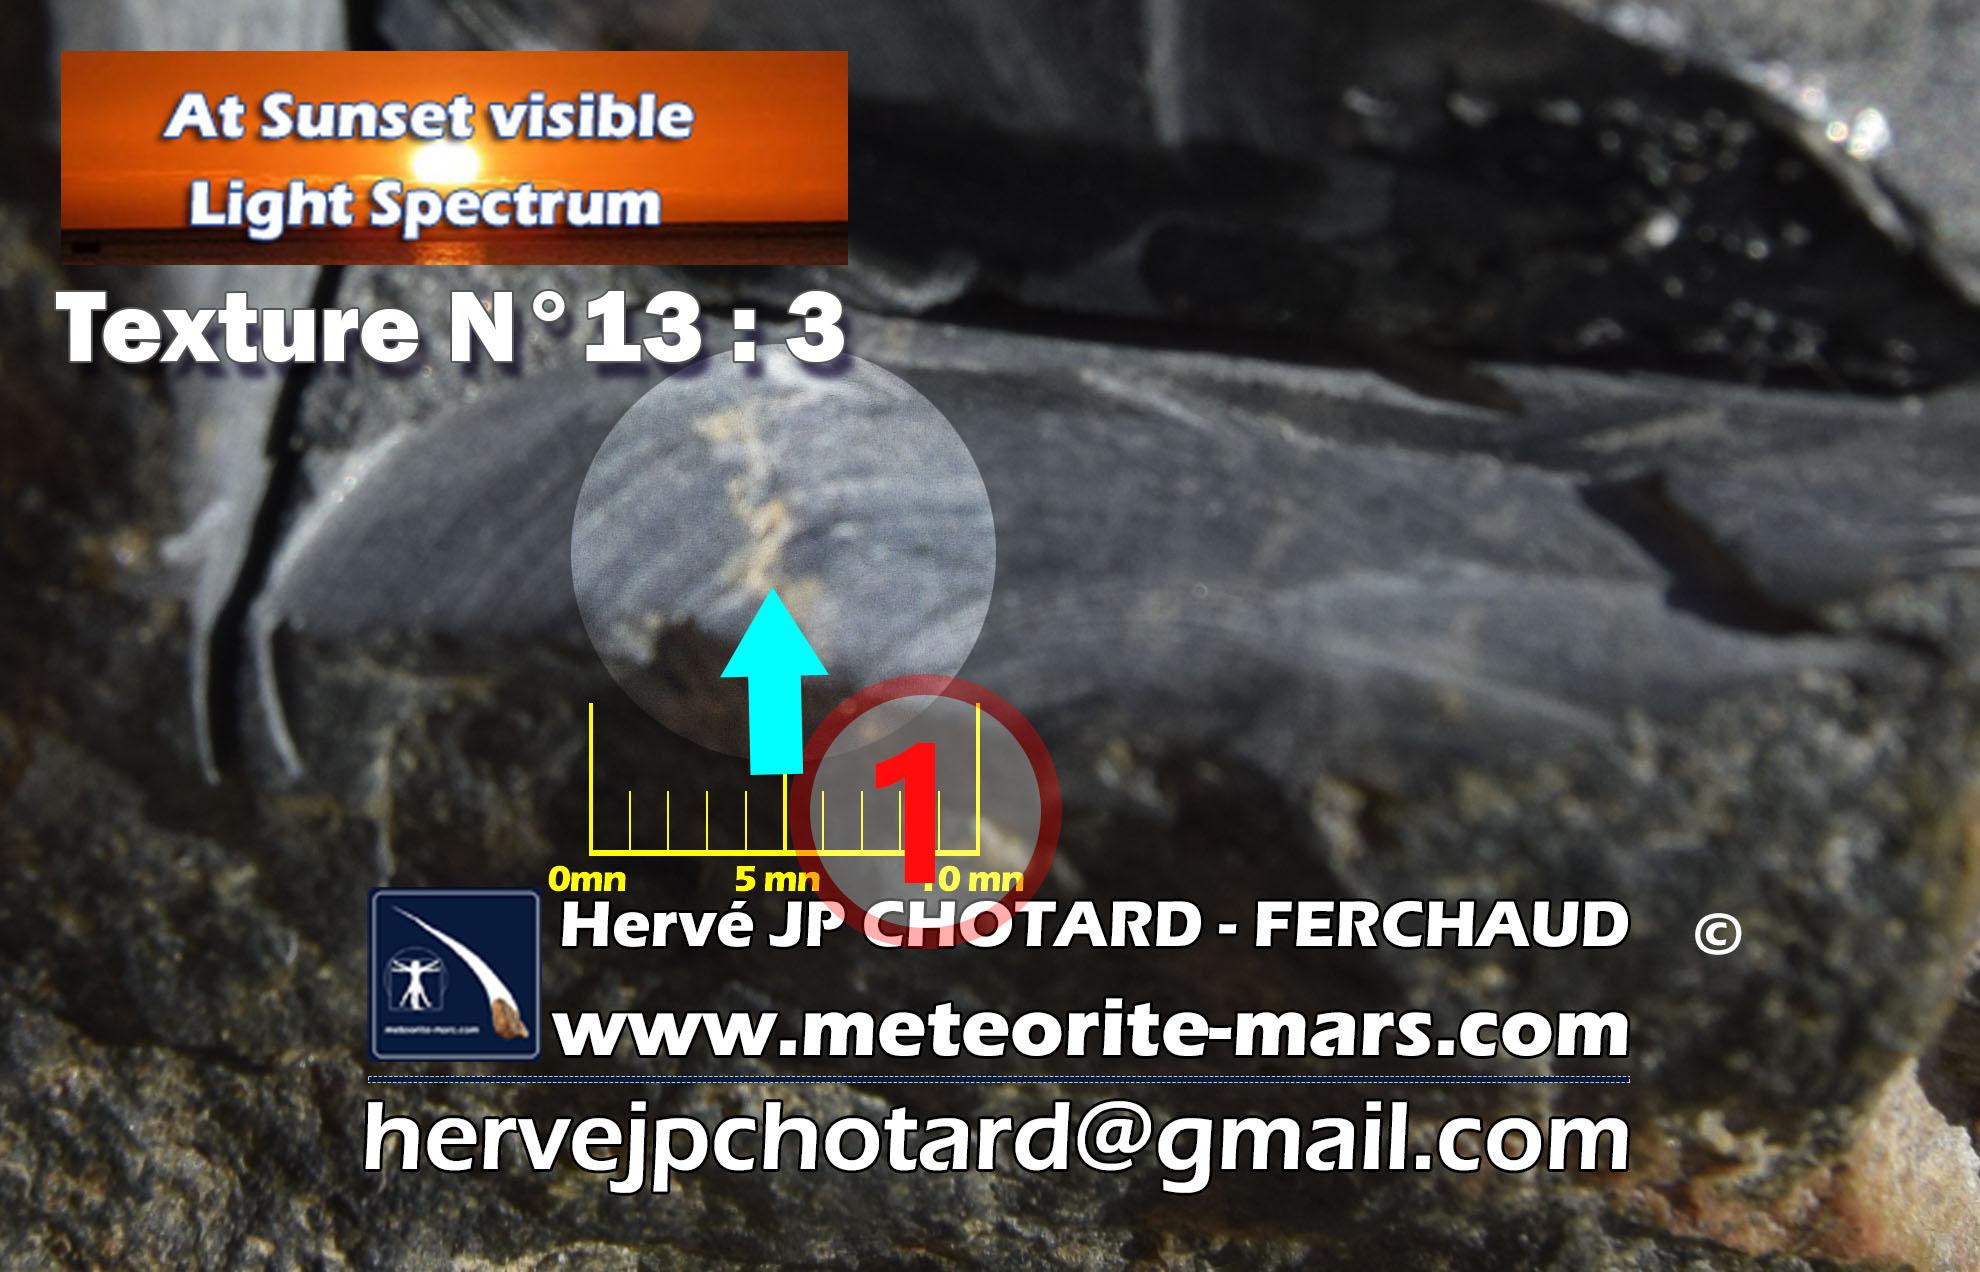 texture N°13-3 meteorite-mars.com